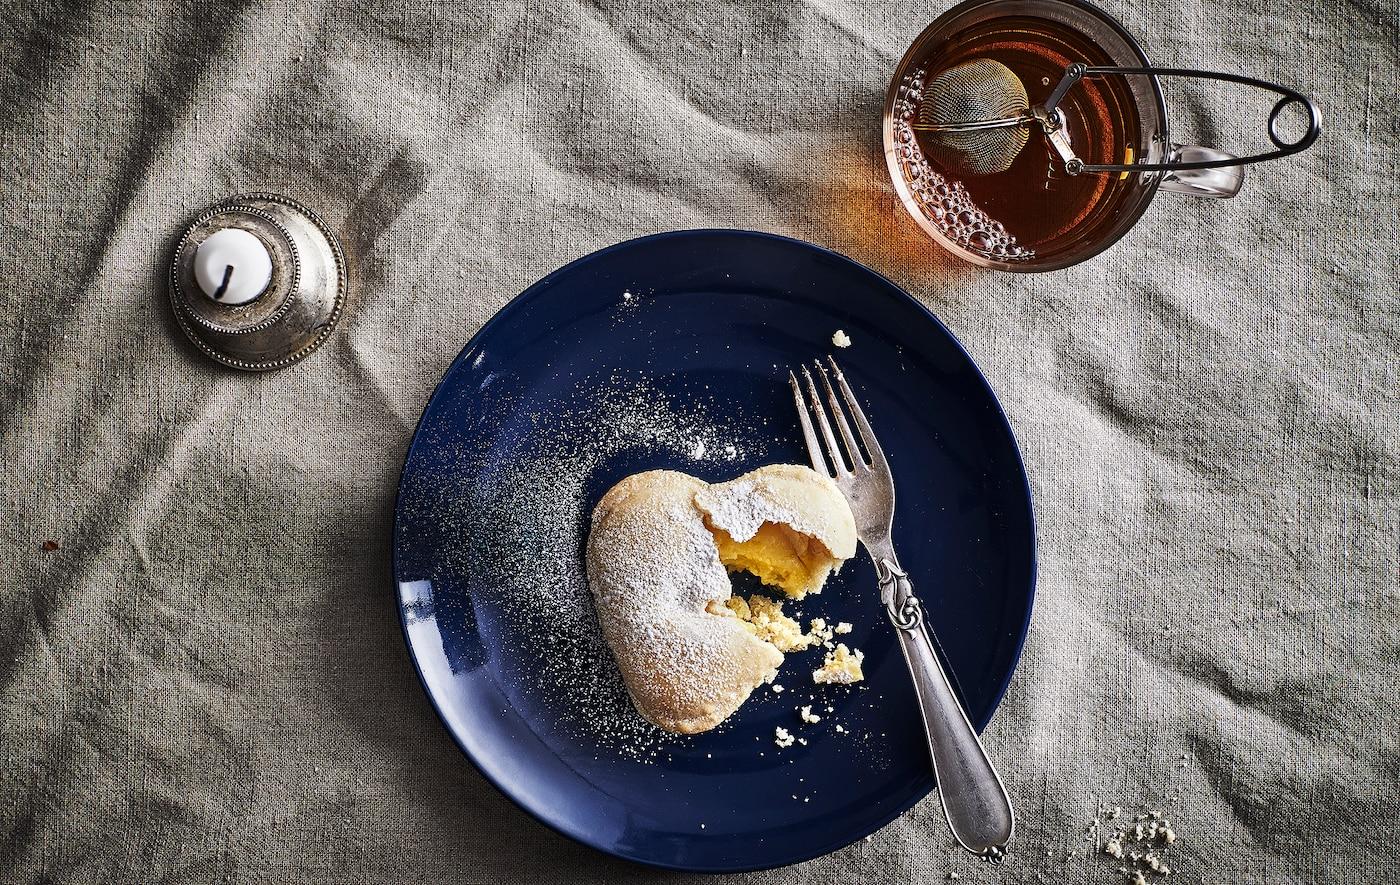 深蓝色的碟子里摆放着香草心型饼干和叉子,旁边还有一杯茶和一根蜡烛。